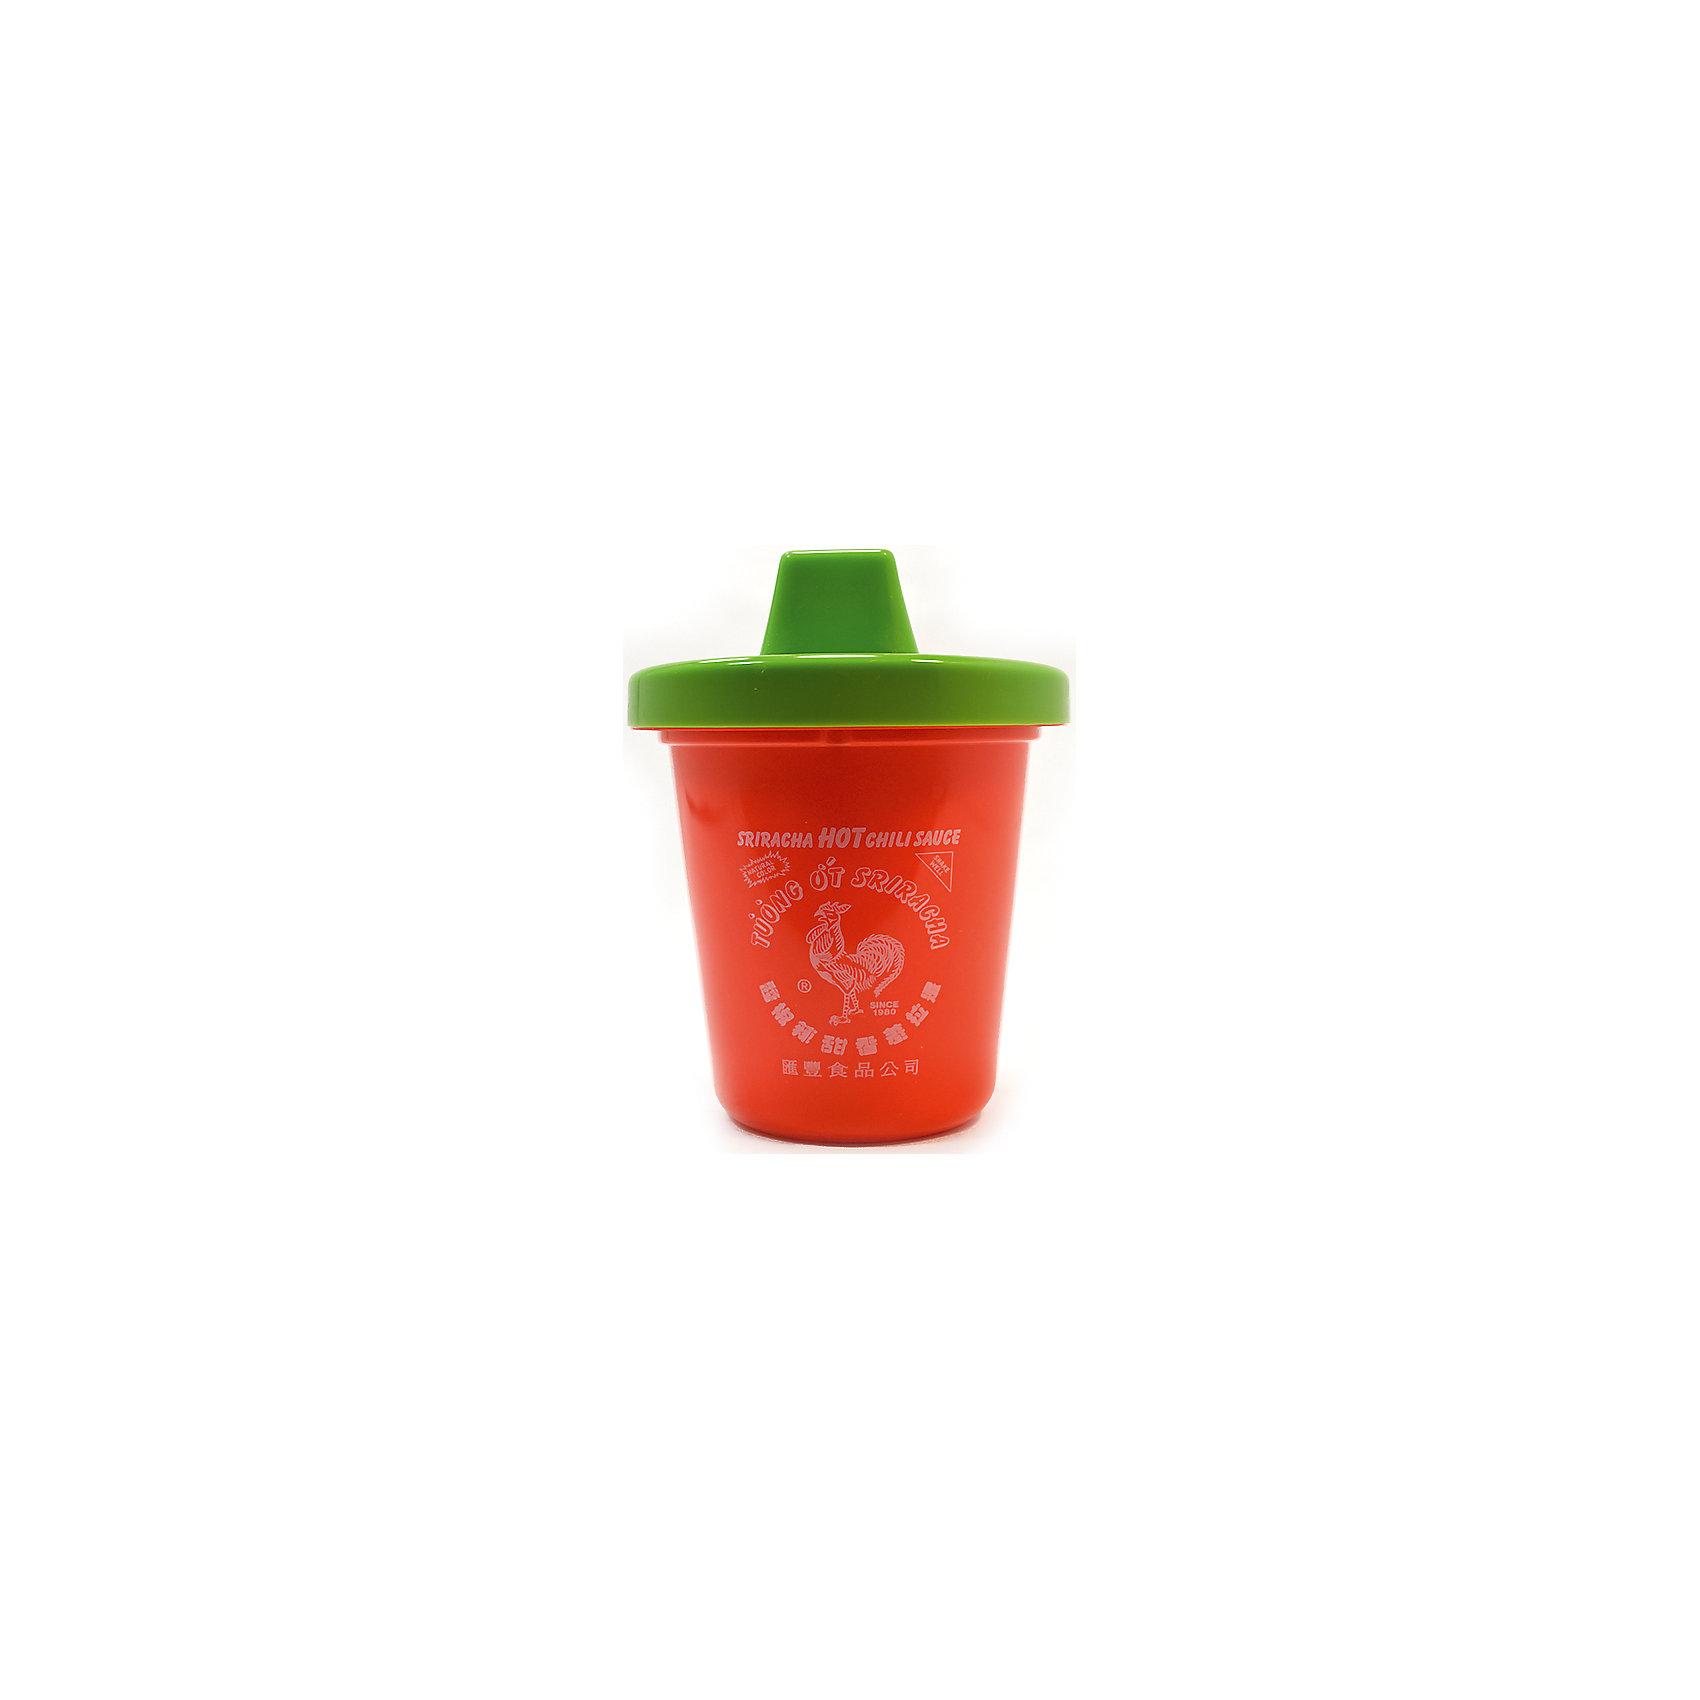 Поильник Sriracha Sippy Cup, GamagoПоильники<br>Поильник Sriracha Sippy Cup, Gamago.<br><br>Характеристики:<br>• изготовлен из прочного качественного пластика<br>• не содержит бисфенол-А<br>• крышка-непроливайка<br>• подходит для посудомоечной машины<br>• удобен для детских рук<br>• легко мыть<br>• оригинальный дизайн<br>• материал: пластик<br>• объем: 225 мл<br>• размер: 10х10х12 см<br>• цвет: красный/зеленый<br><br>Поильник Sriracha Sippy Cup, Gamago изготовлен из экологически чистых материалов, безопасных для ребенка. Крышка-непроливайка обеспечит крохе сухость во время использования. Необычный дизайн поильника создан специально для любителей острого чили. Прекрасный выбор для стильных детей!<br><br>Поильник Sriracha Sippy Cup, Gamago вы можете купить в нашем интернет-магазине.<br><br>Ширина мм: 80<br>Глубина мм: 800<br>Высота мм: 135<br>Вес г: 36<br>Возраст от месяцев: 6<br>Возраст до месяцев: 36<br>Пол: Унисекс<br>Возраст: Детский<br>SKU: 5068747